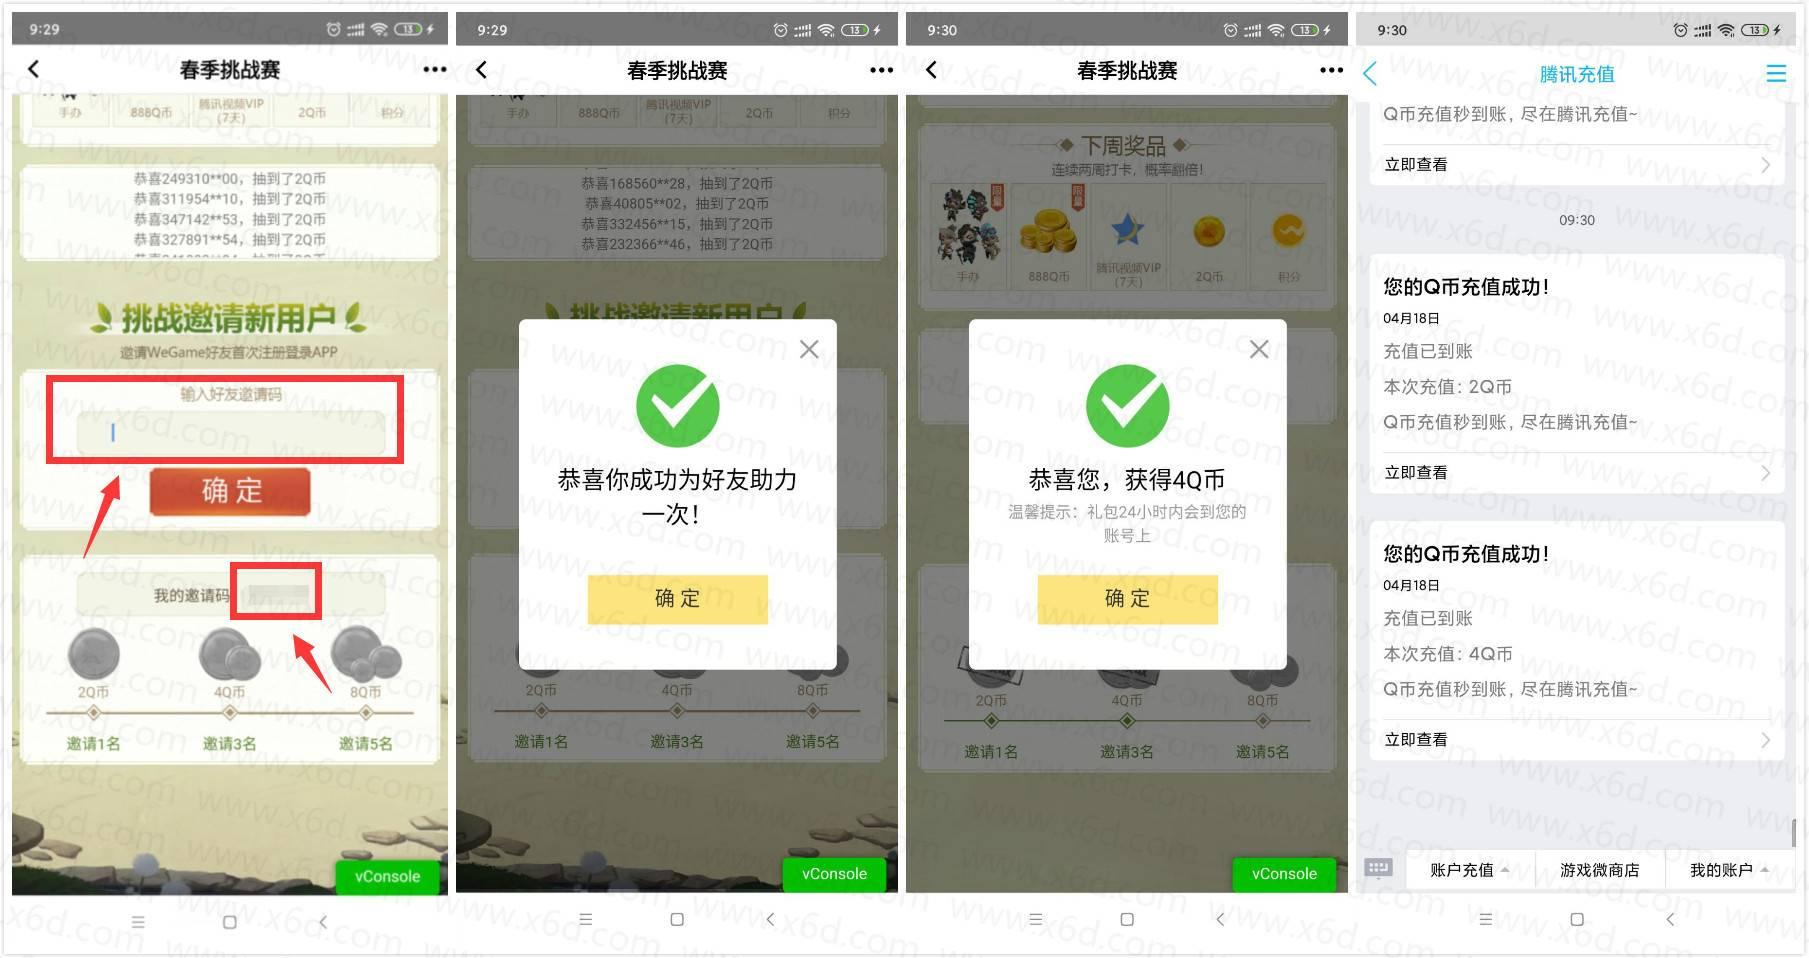 掌上WeGame挑战赛领14QB